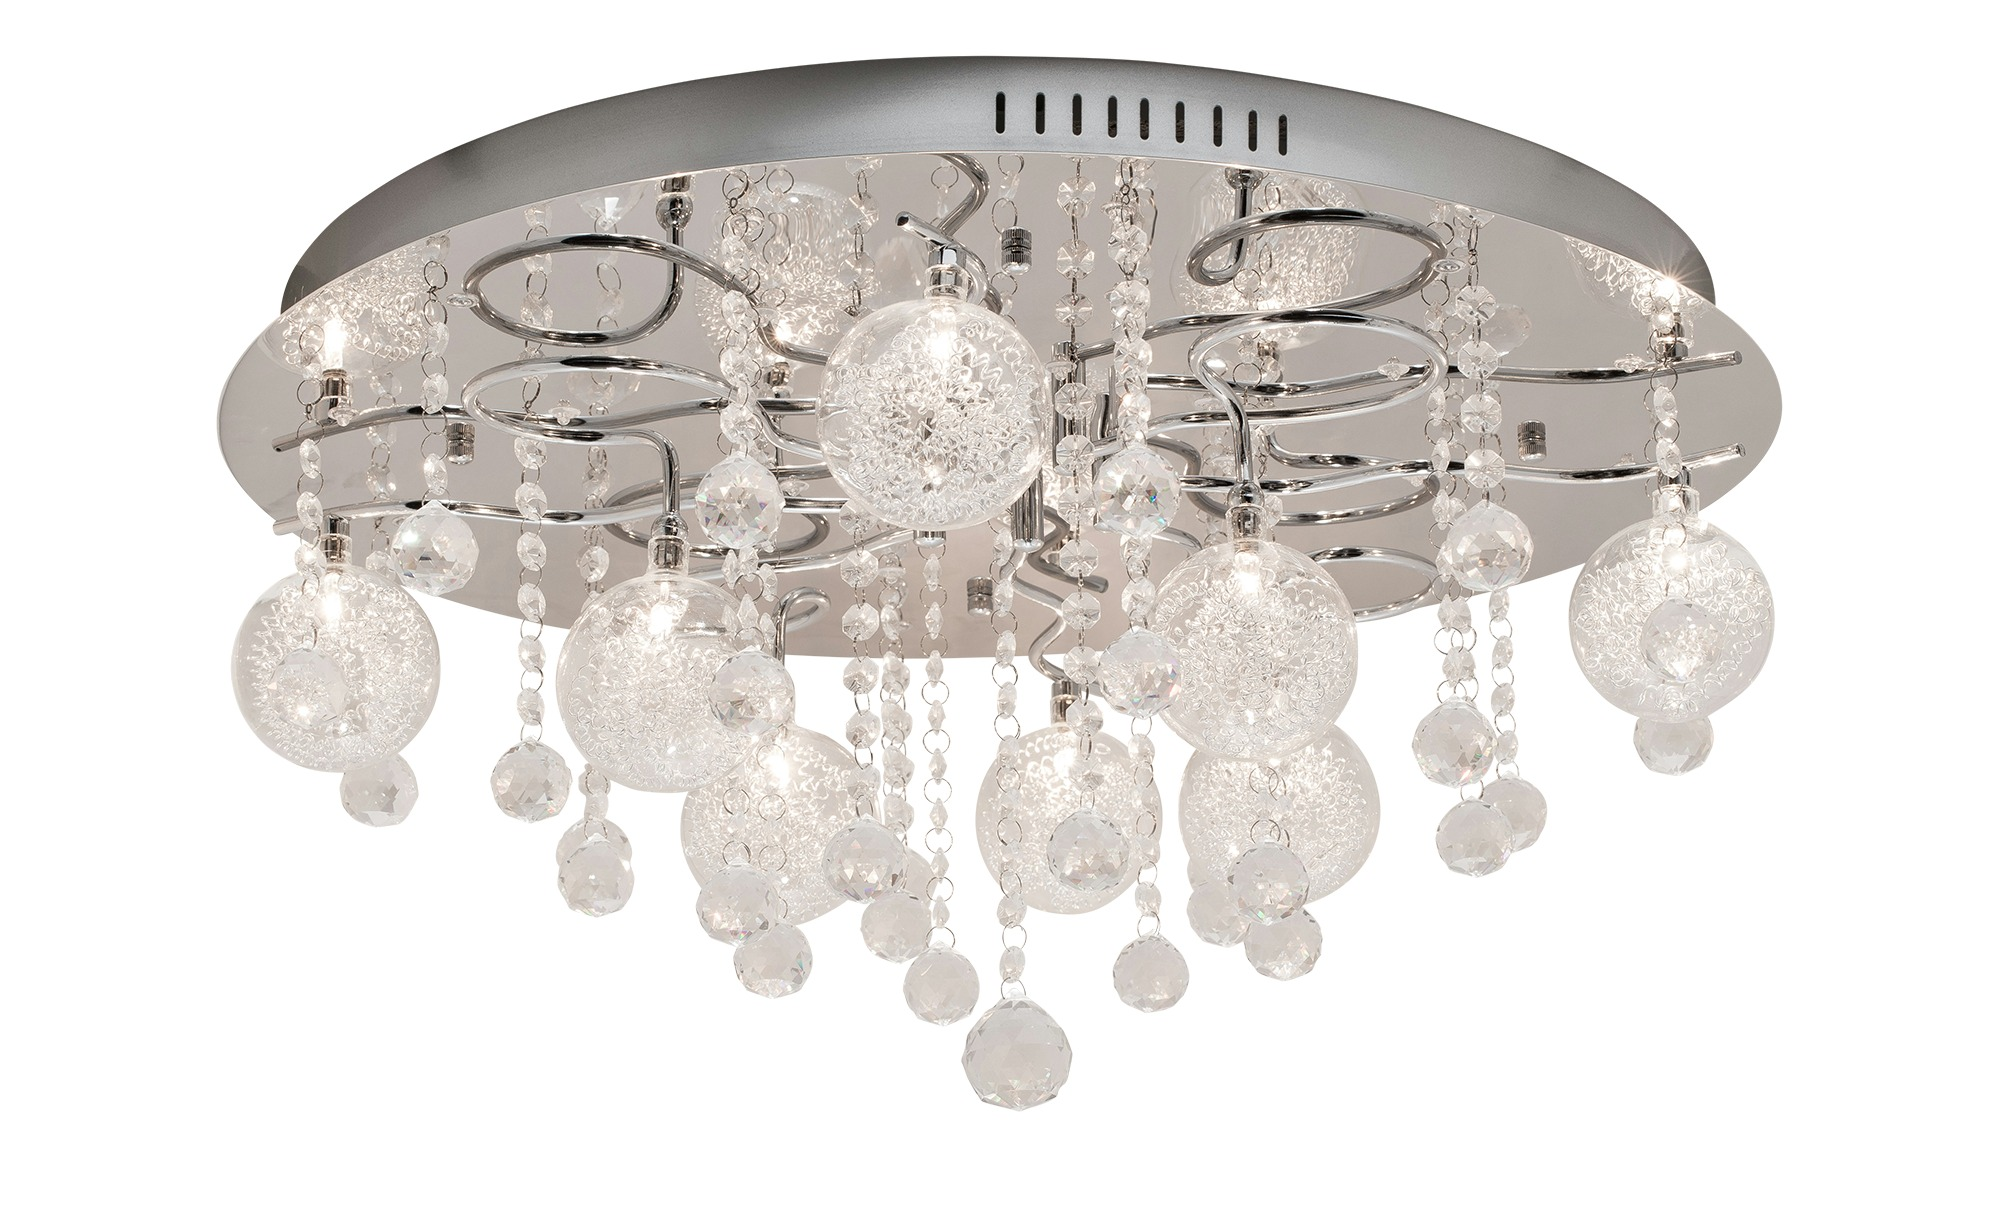 Paul Neuhaus Deckenleuchte rund mit 8 Glaskugeln ¦ silber ¦ Maße (cm): H: 34 Ø: [60.0] Lampen & Leuchten > Innenleuchten > Deckenleuchten - Höffner